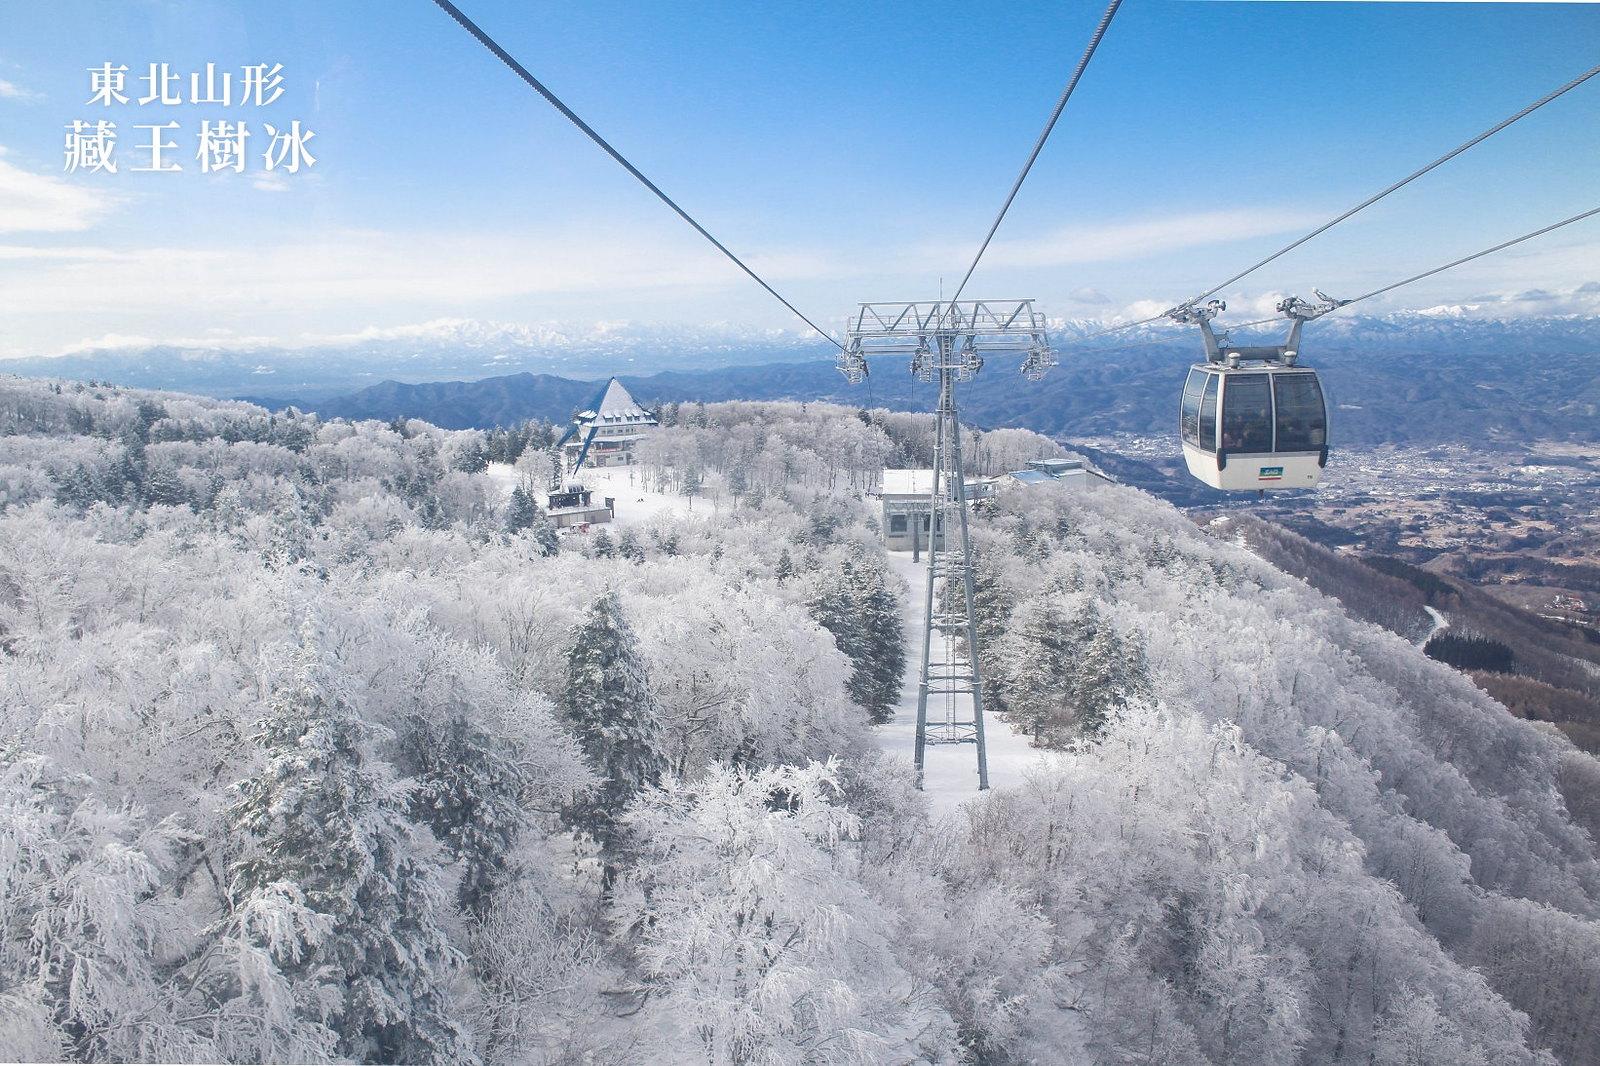 最新推播訊息:藏王樹冰❄含交通、藏王樹冰套票介紹!